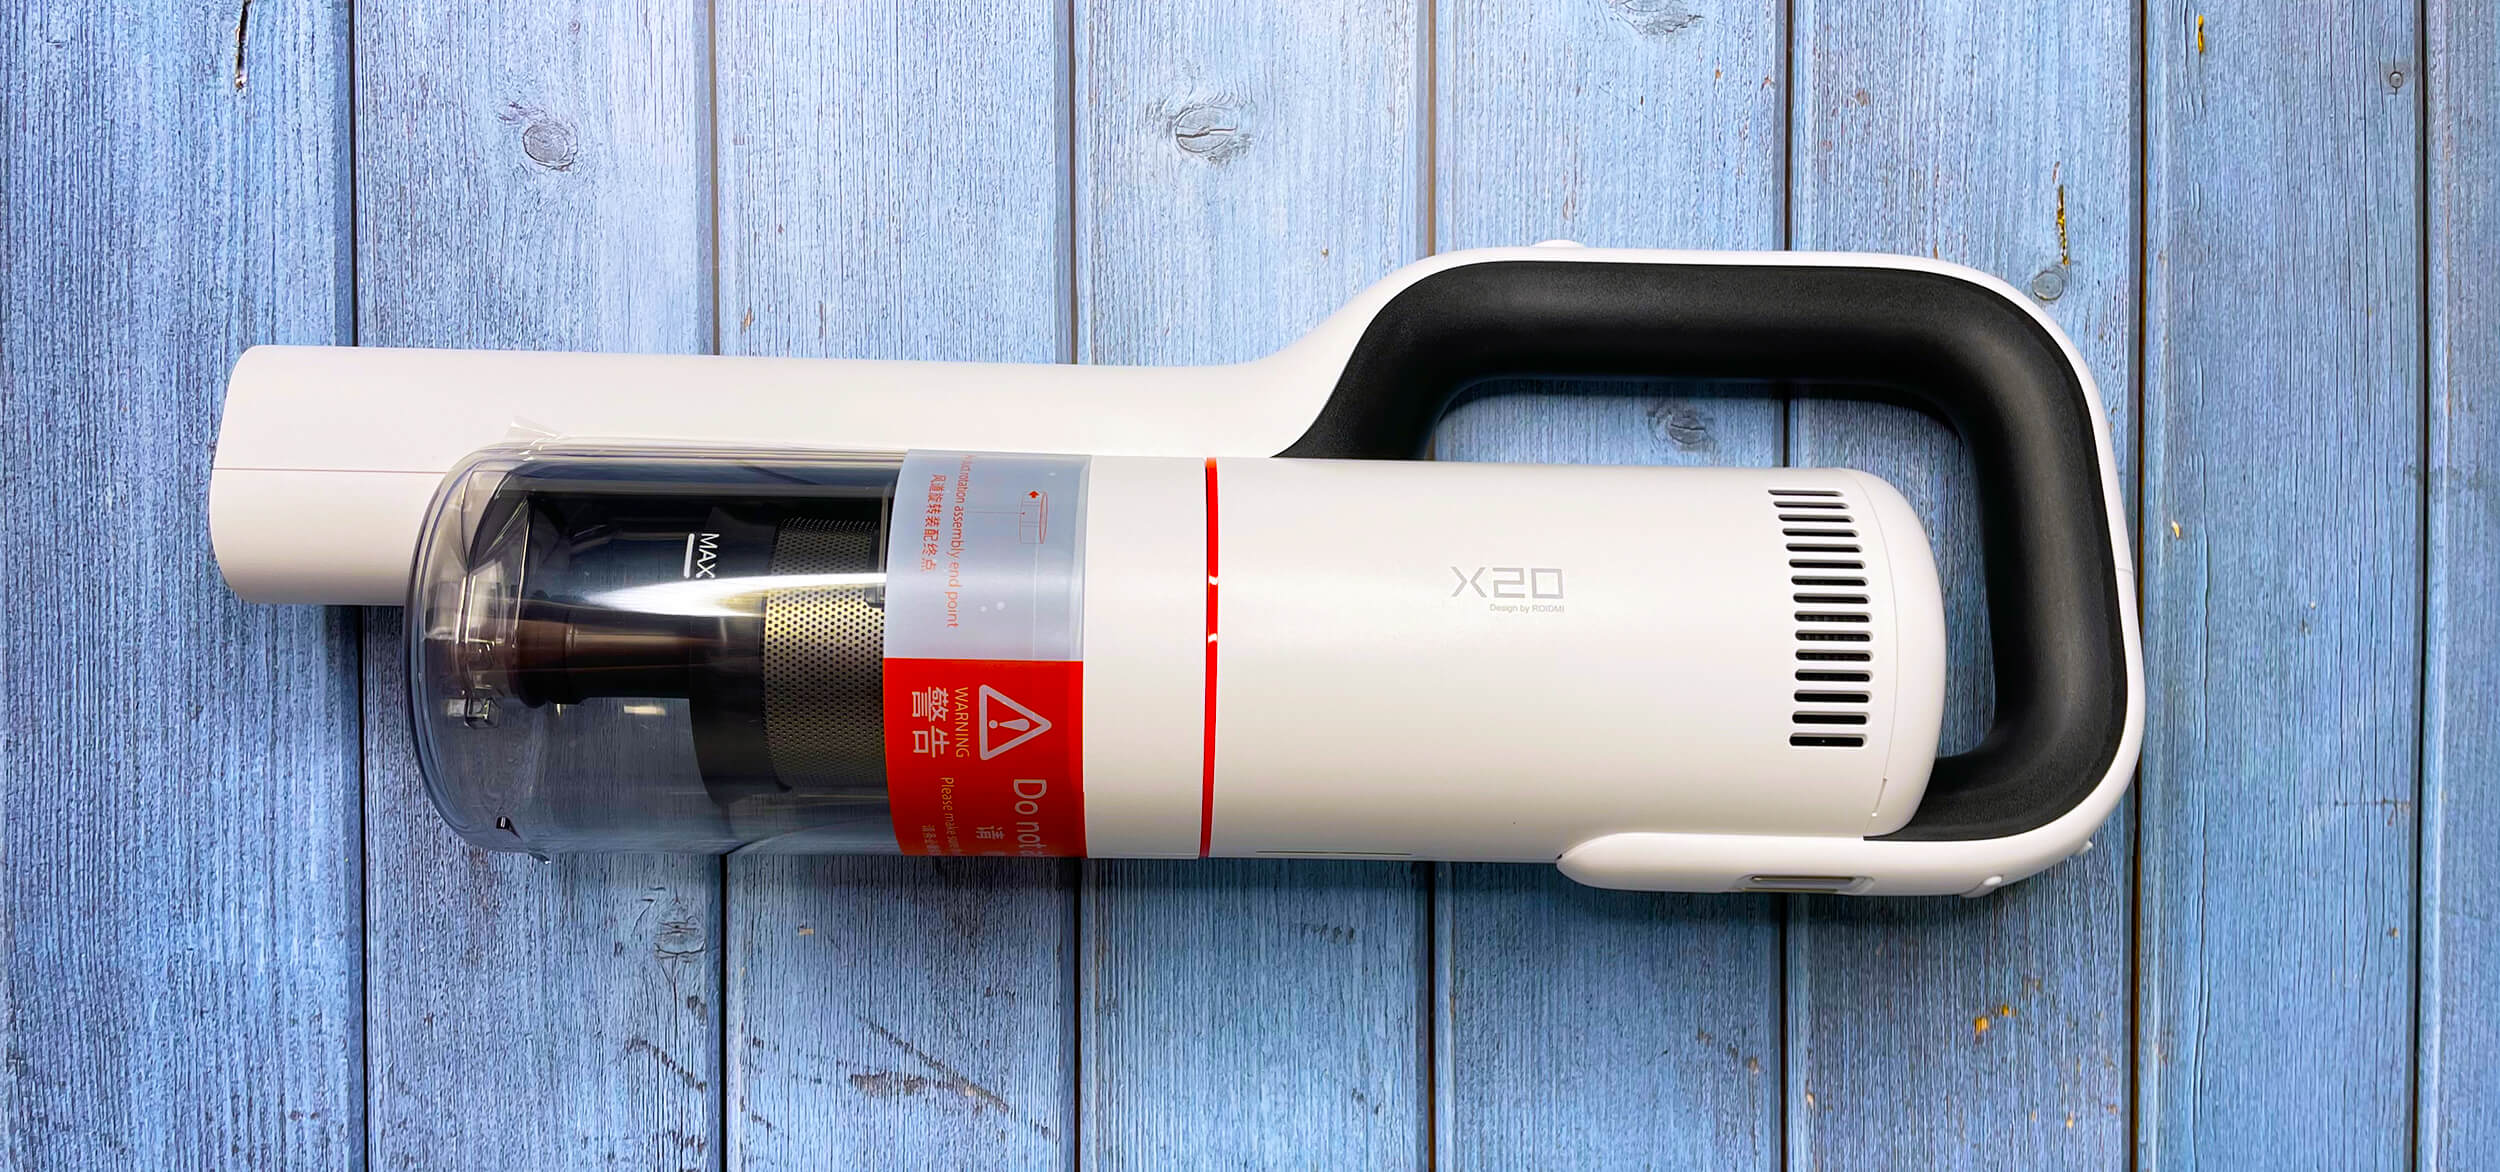 Обзор пылесоса Roidmi X20 – для сухой и влажной уборки